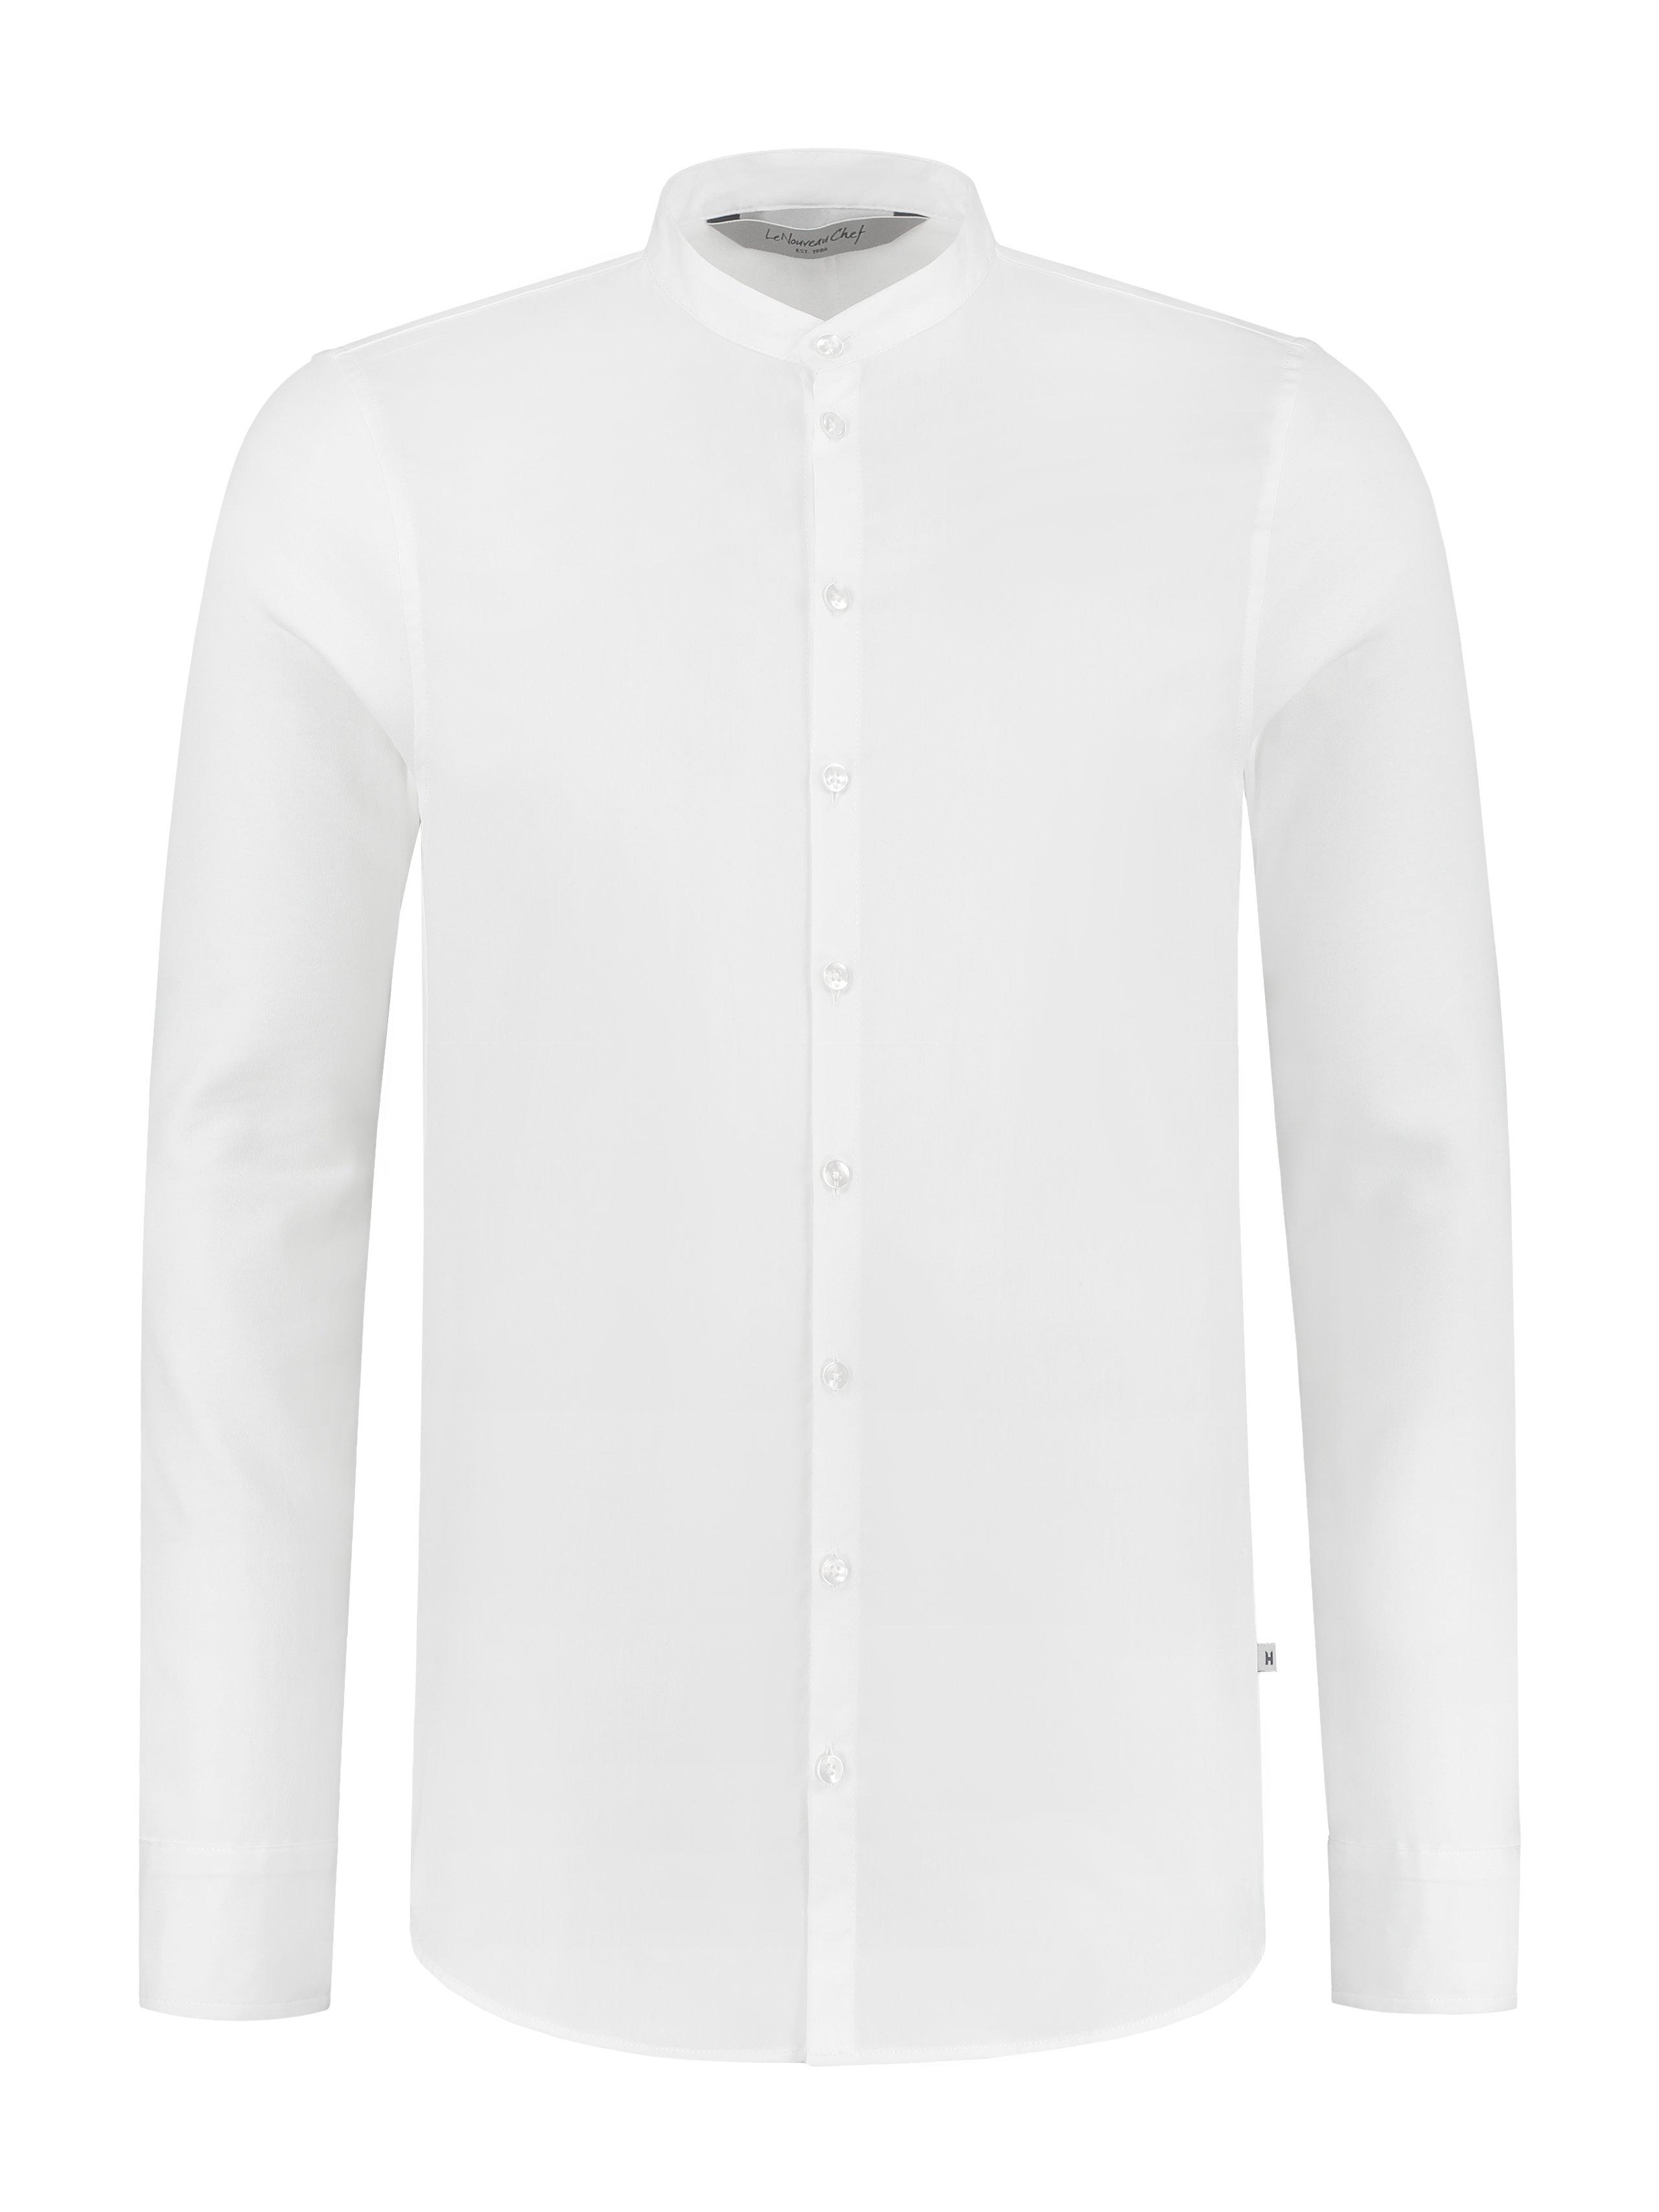 Service Shirt Roan White